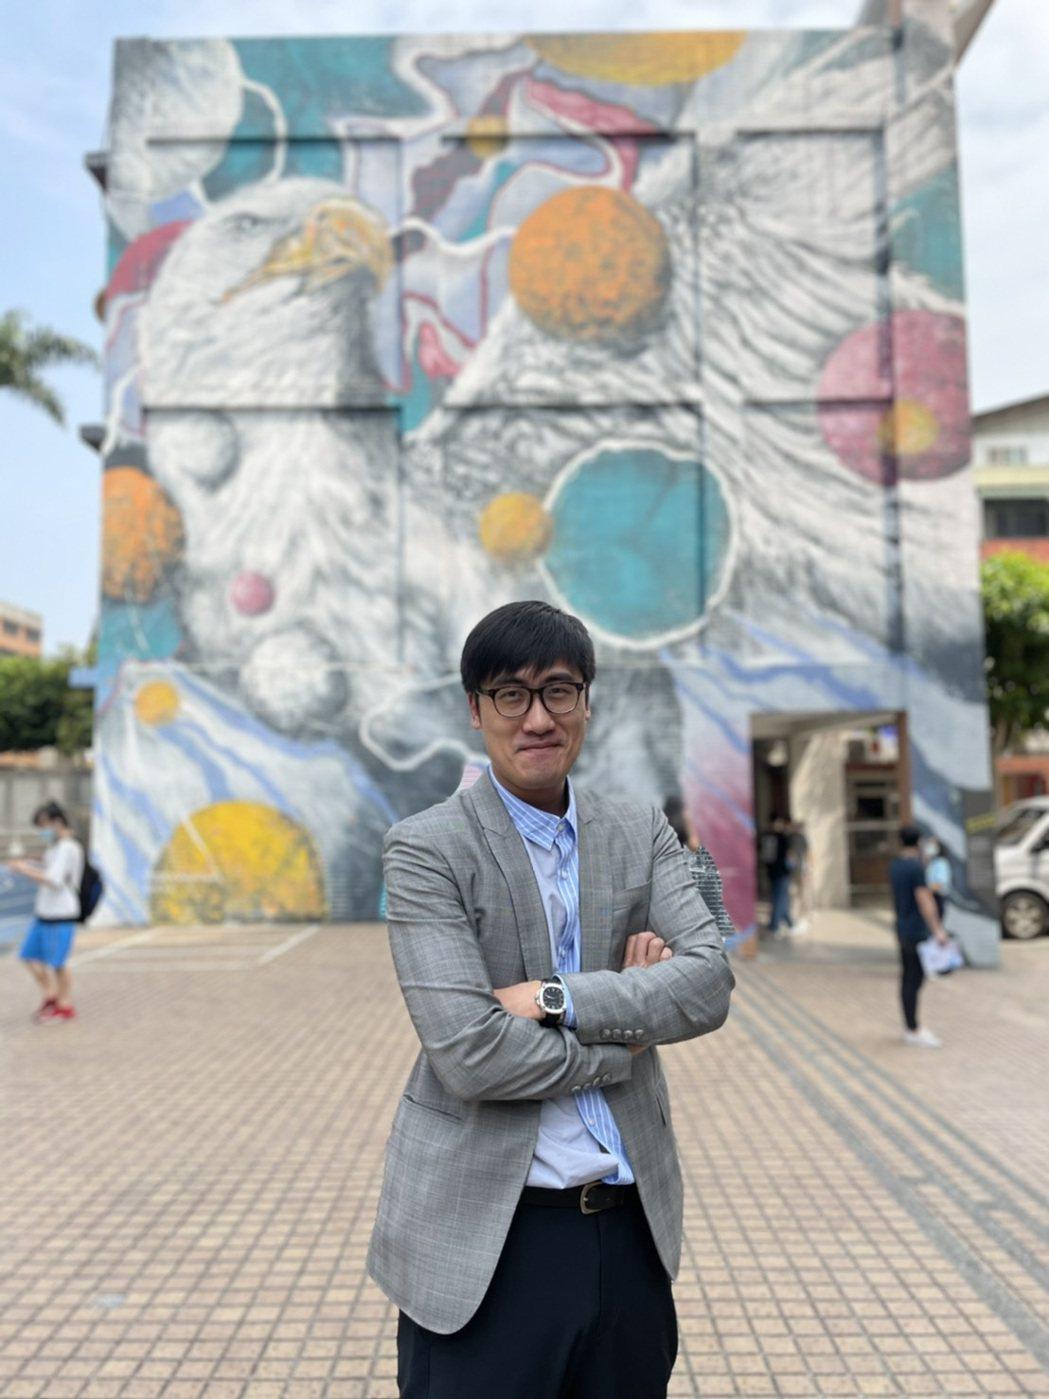 台北海大國際暨校際合作事務處處長林威克本身也像明星,要栽培學生當「明星」。圖/台...